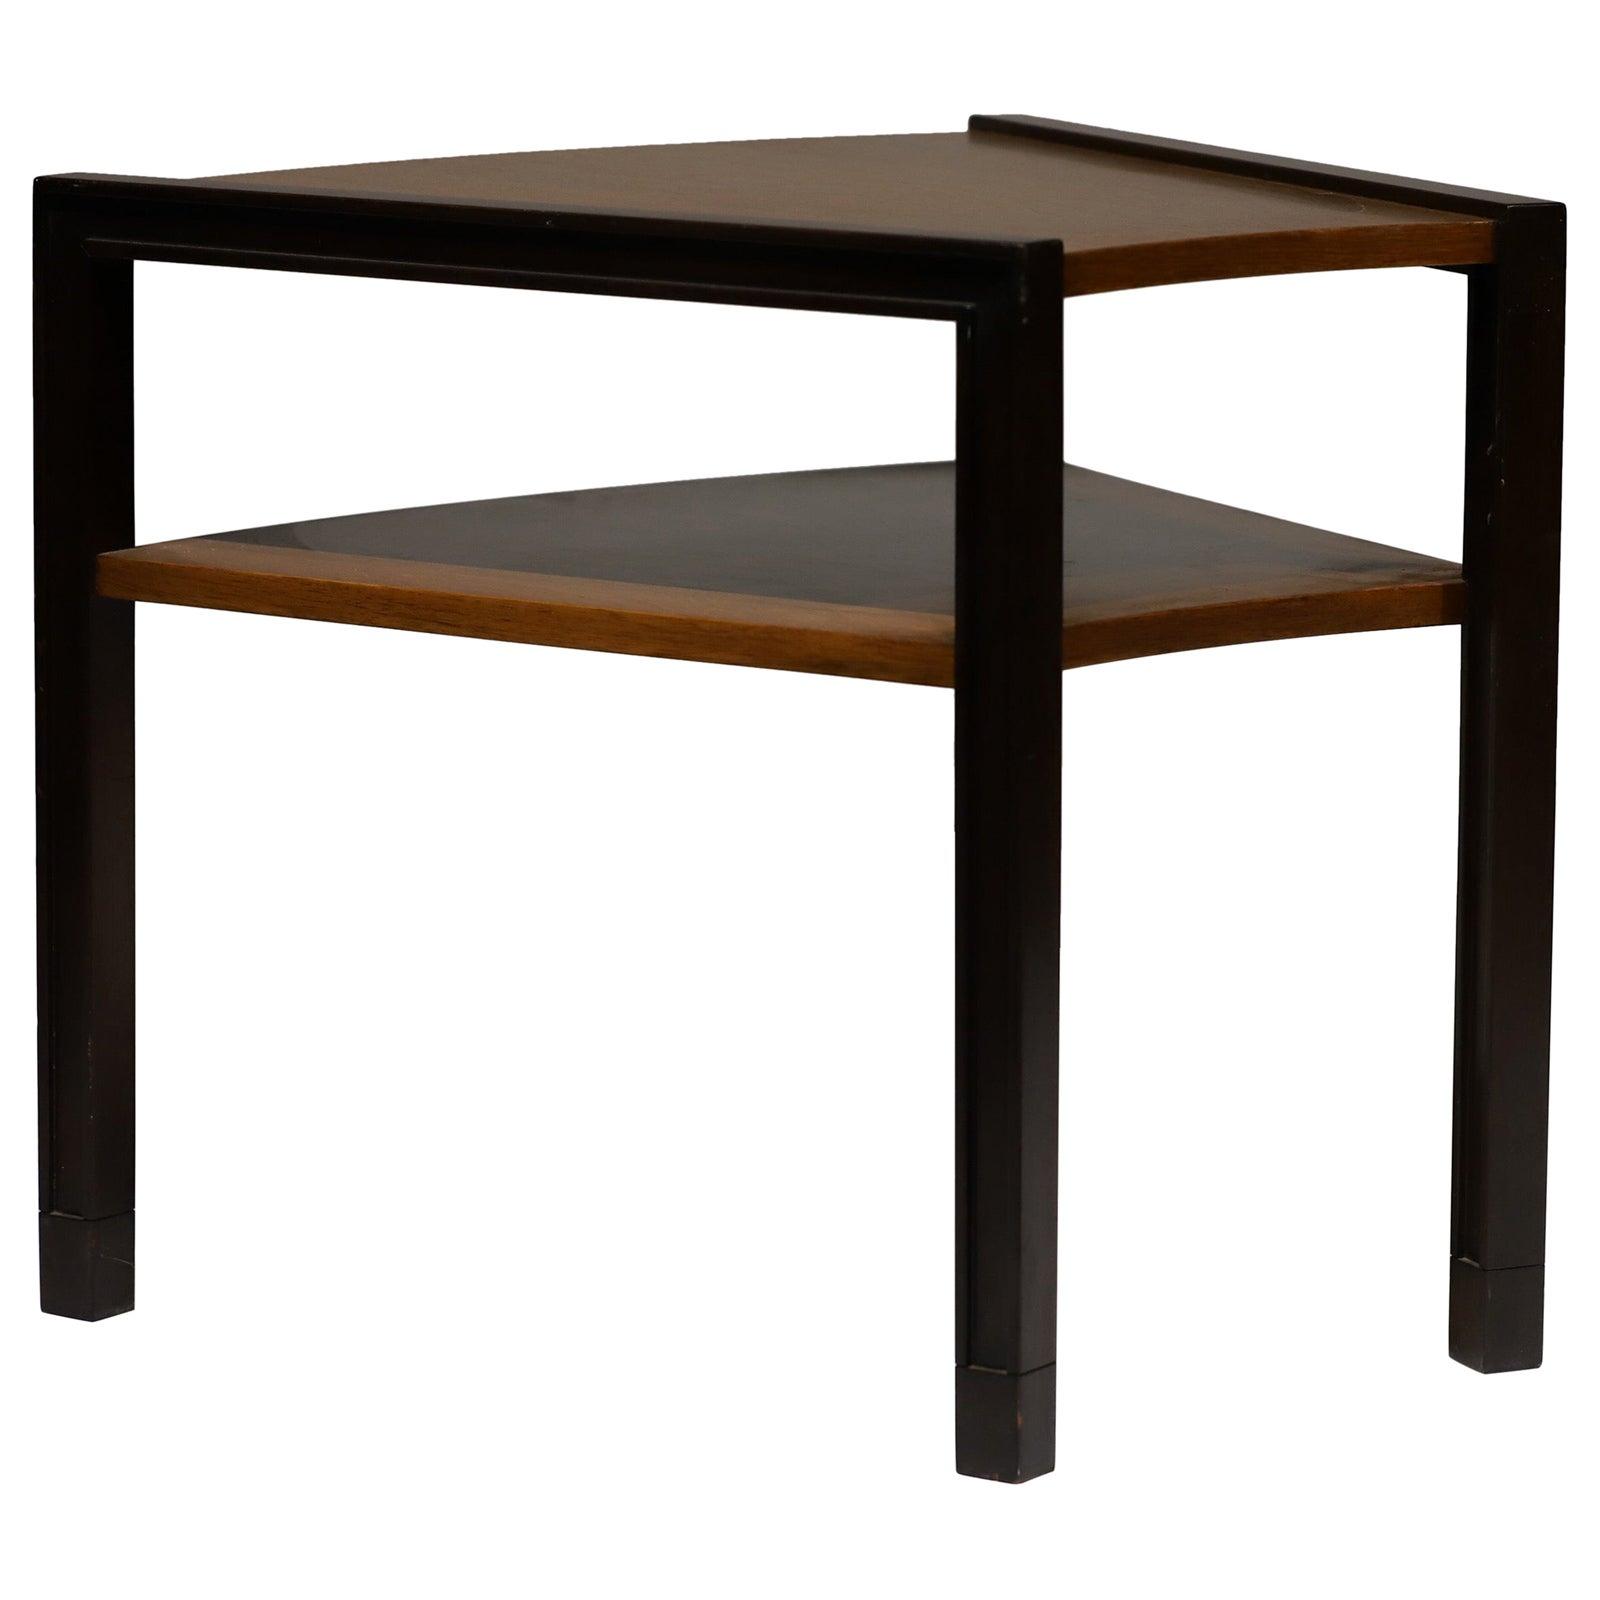 Dunbar Side Table by Edward Wormley